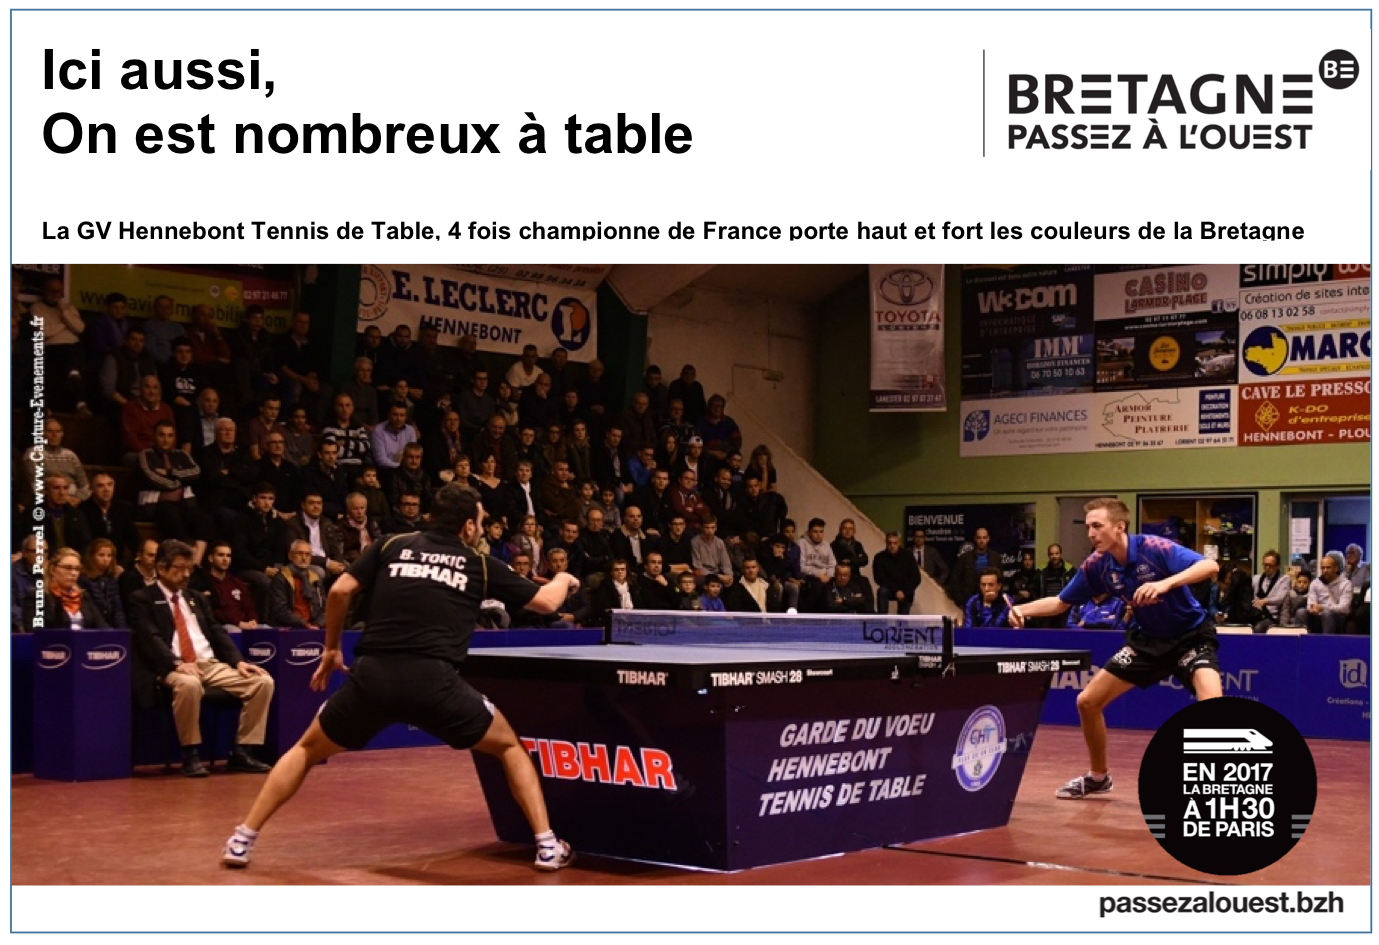 Les Bretons S Emparent Chaque Jour De La Campagne Passezalouest Et C Est Genial Tennis De Table Bretagne Champions